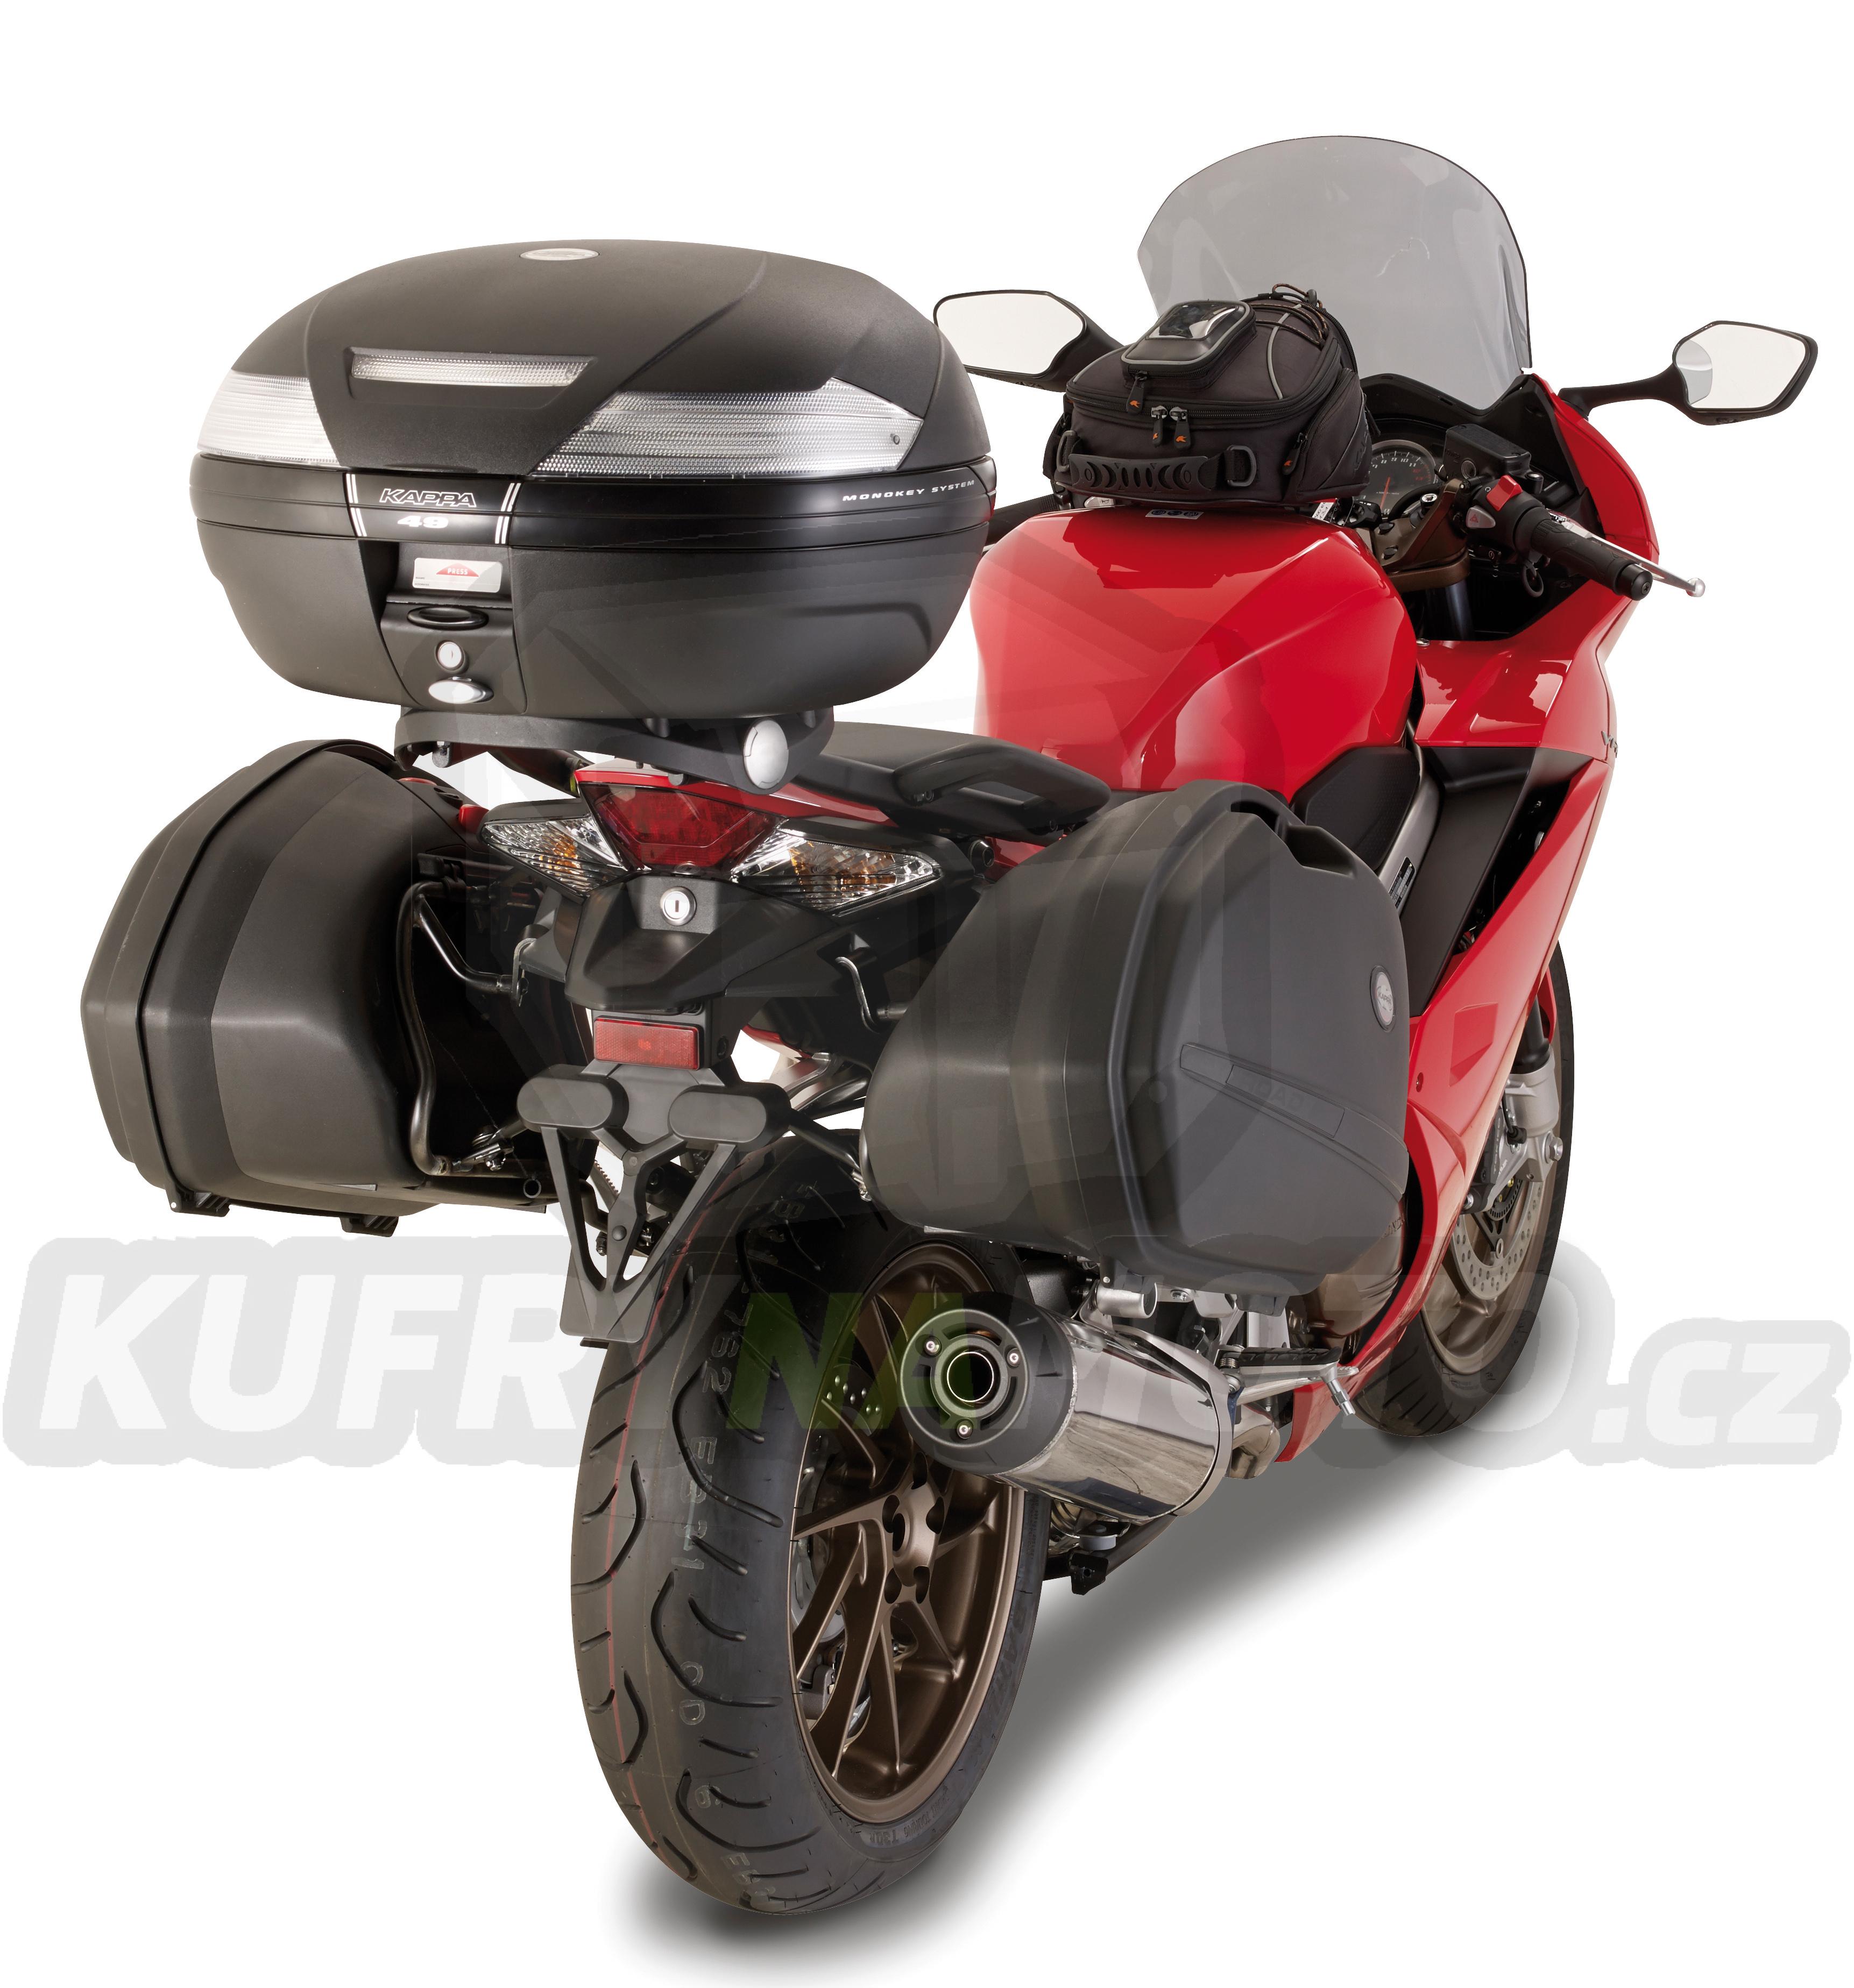 Kit pro montážní sada – nosič kufru Kappa Honda VFR 800 F 2014 – 2017 K2493-1132KIT